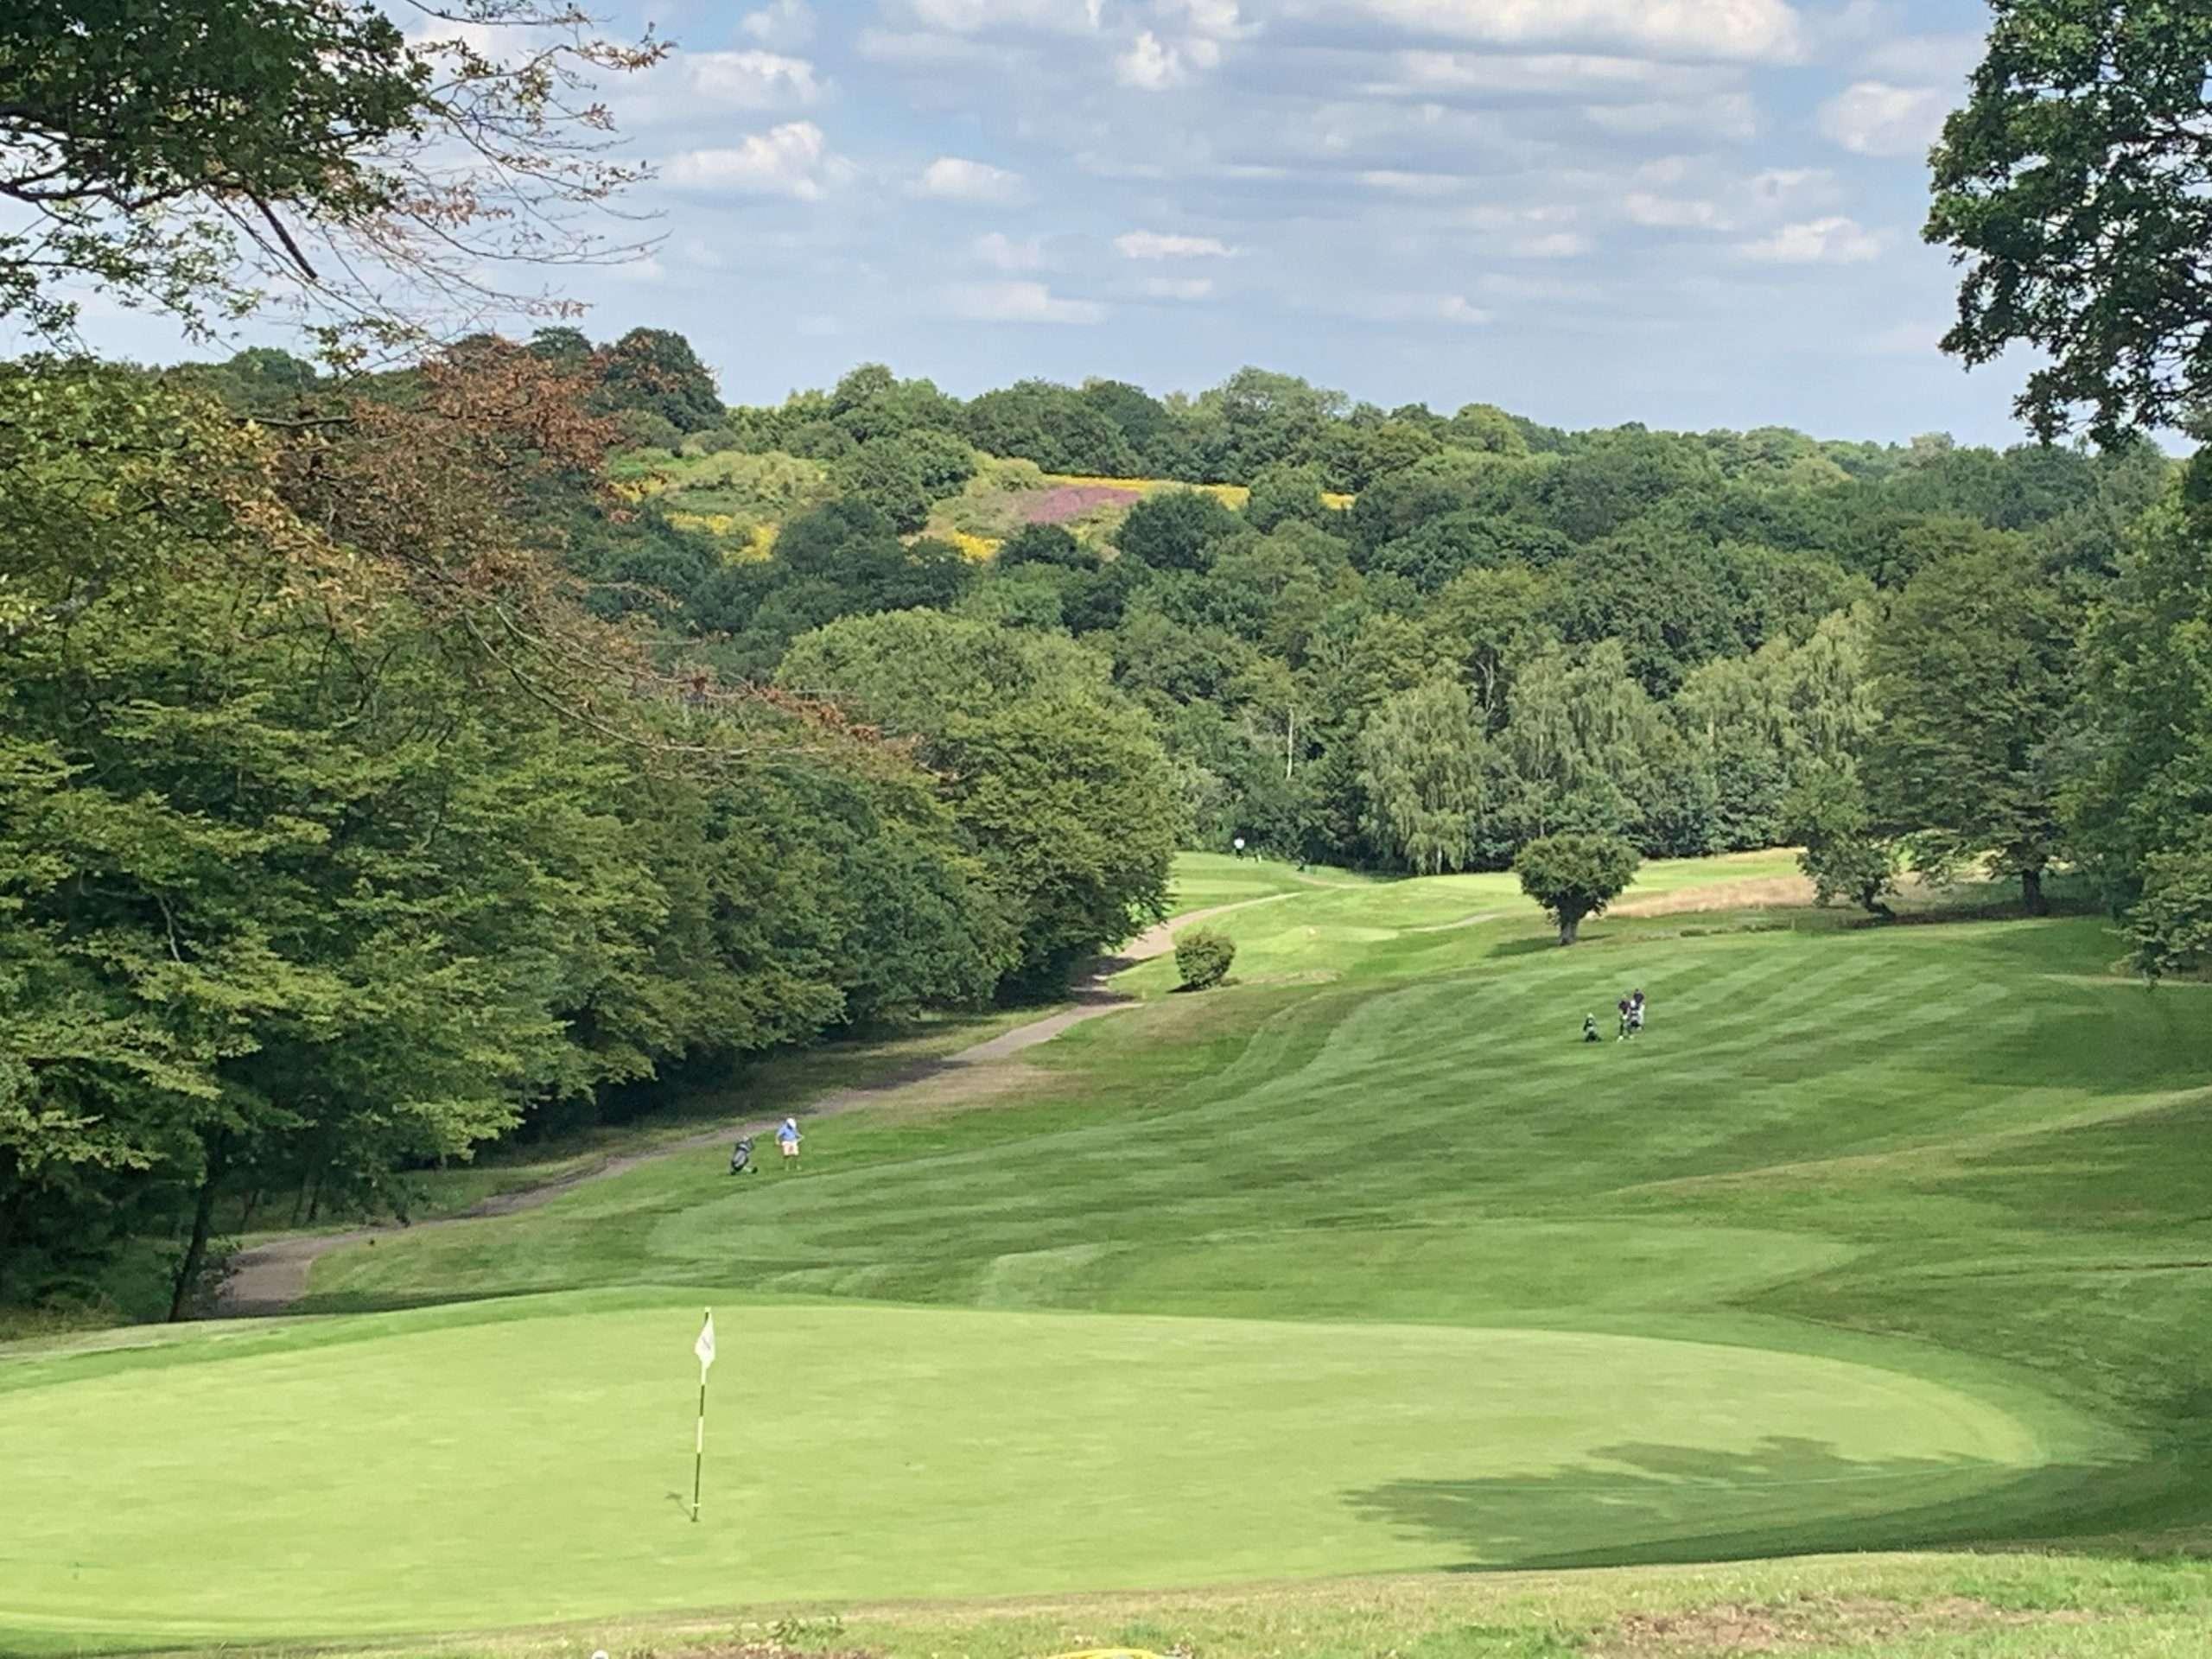 Golf at last! Match drawn v Liberal Circle